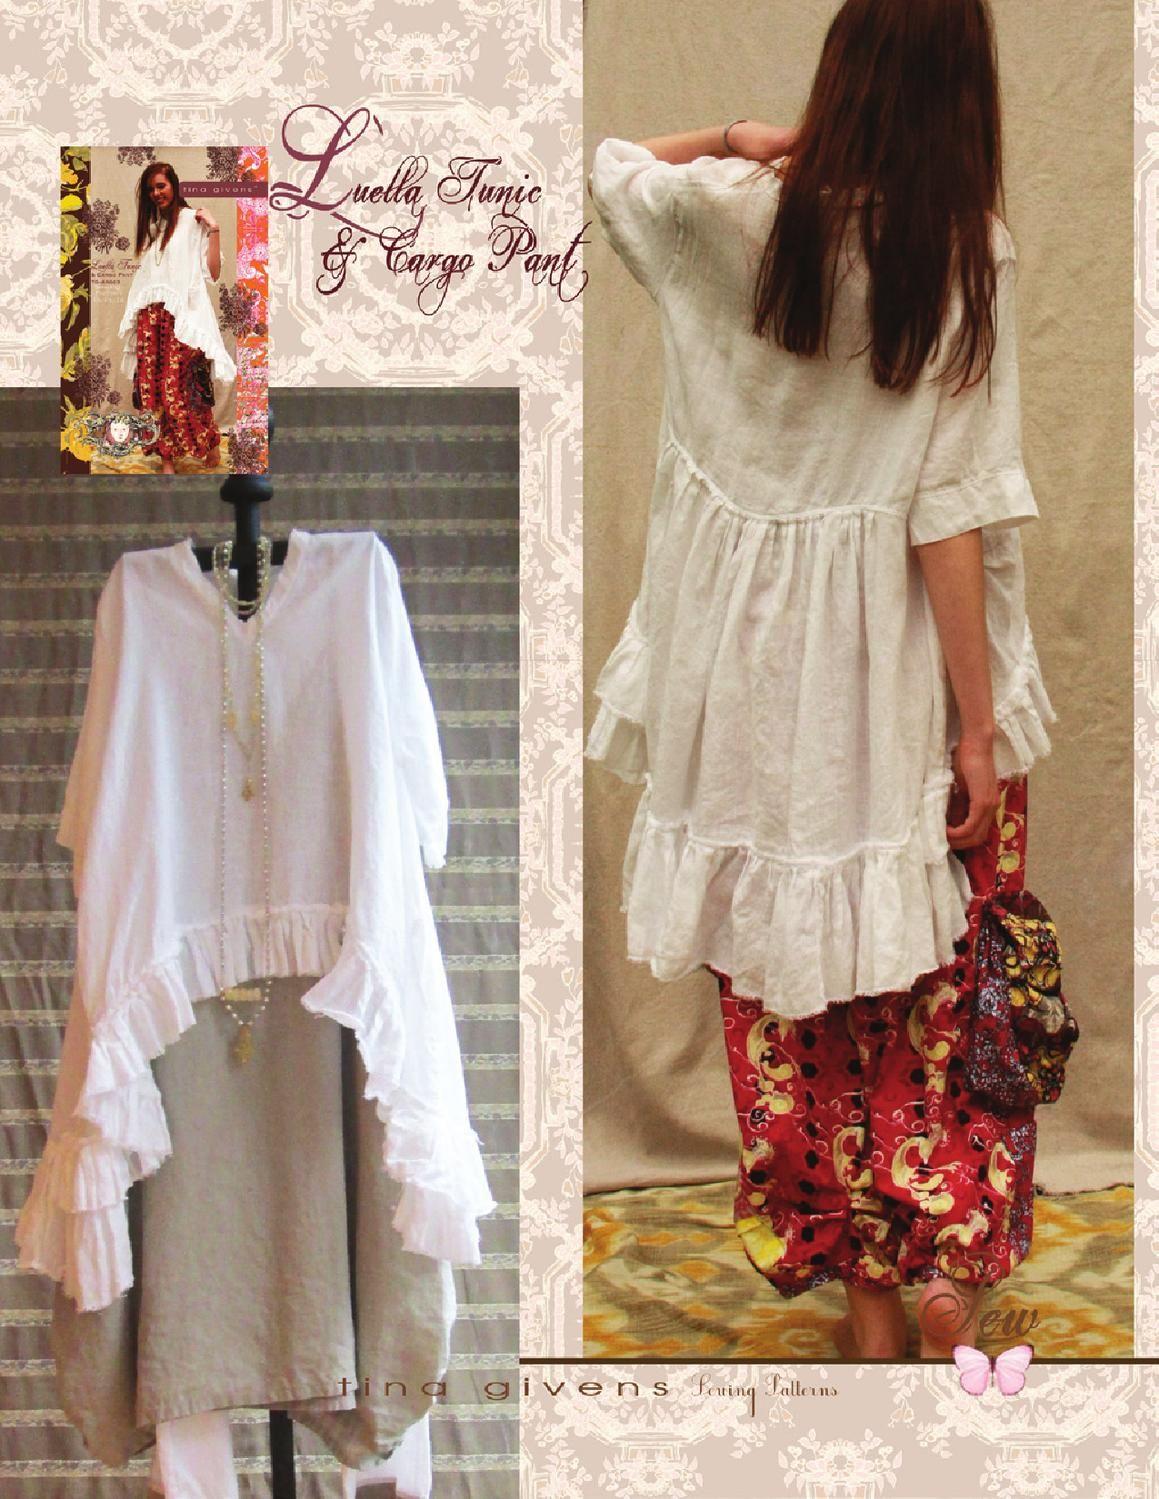 Tina Givens Sewing Patterns | Nähen, Kleidung und Spitzenkleider